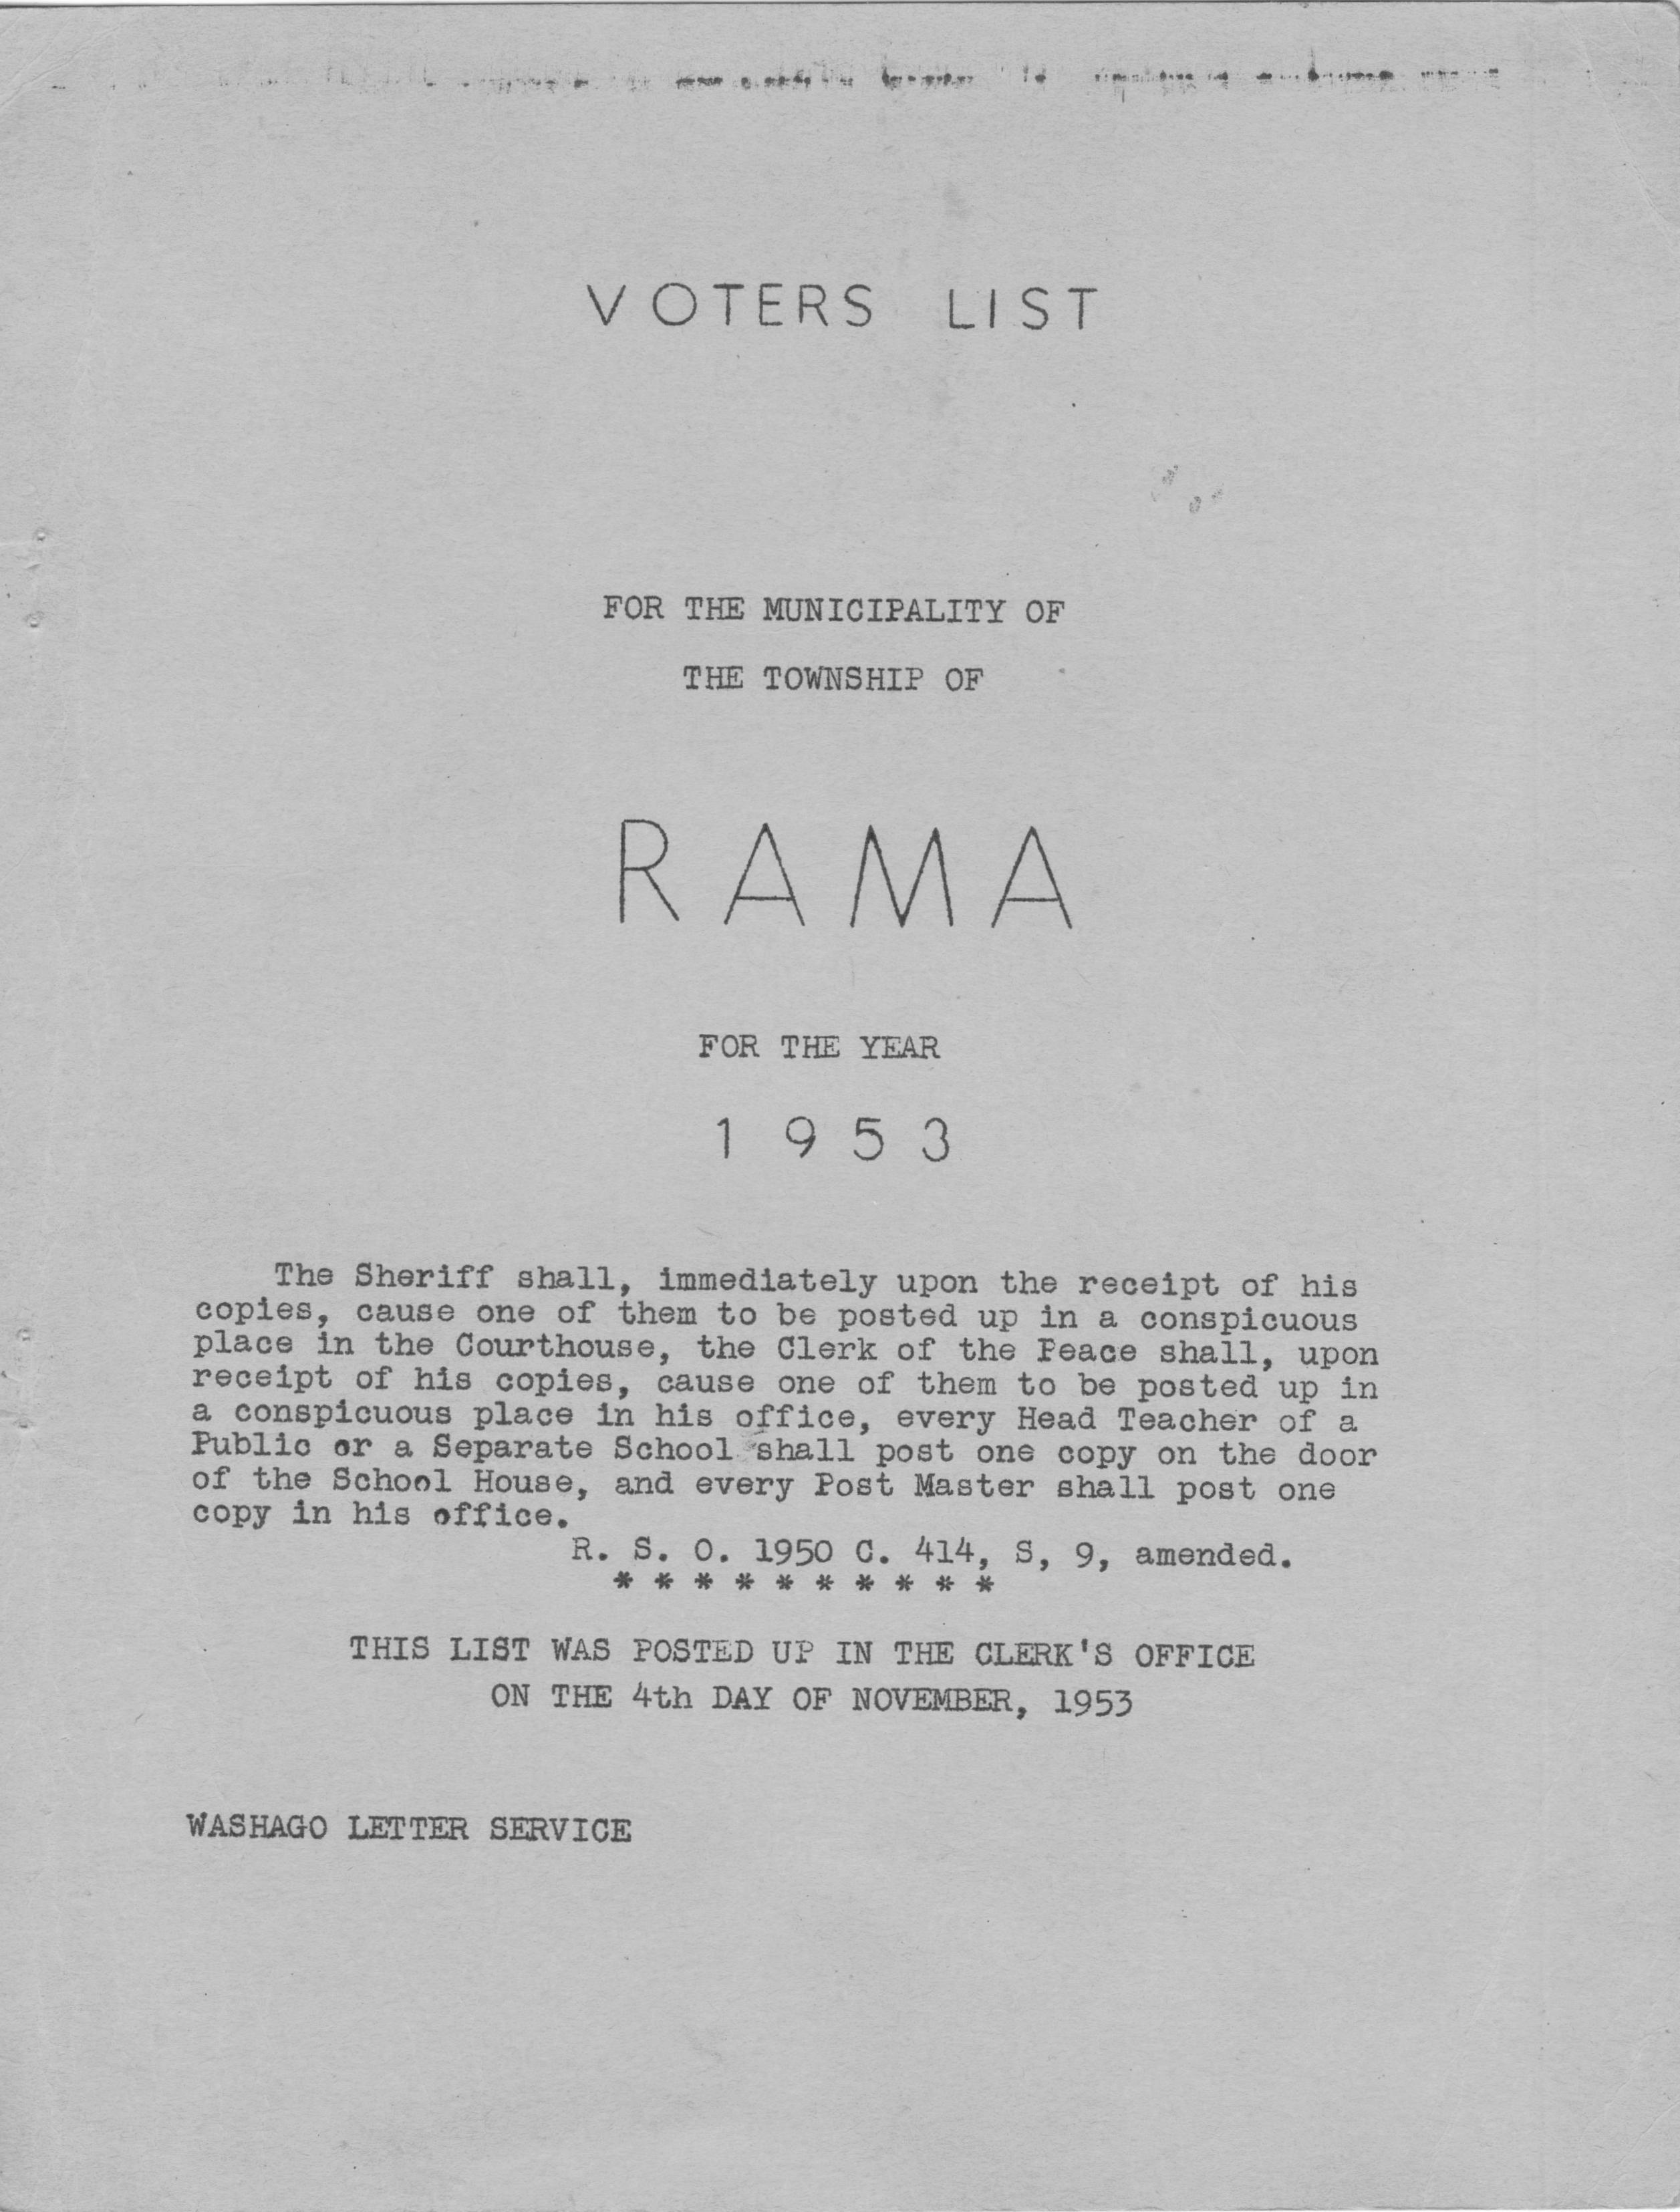 rama voters list ft 1 1 - rama voters list ft 1